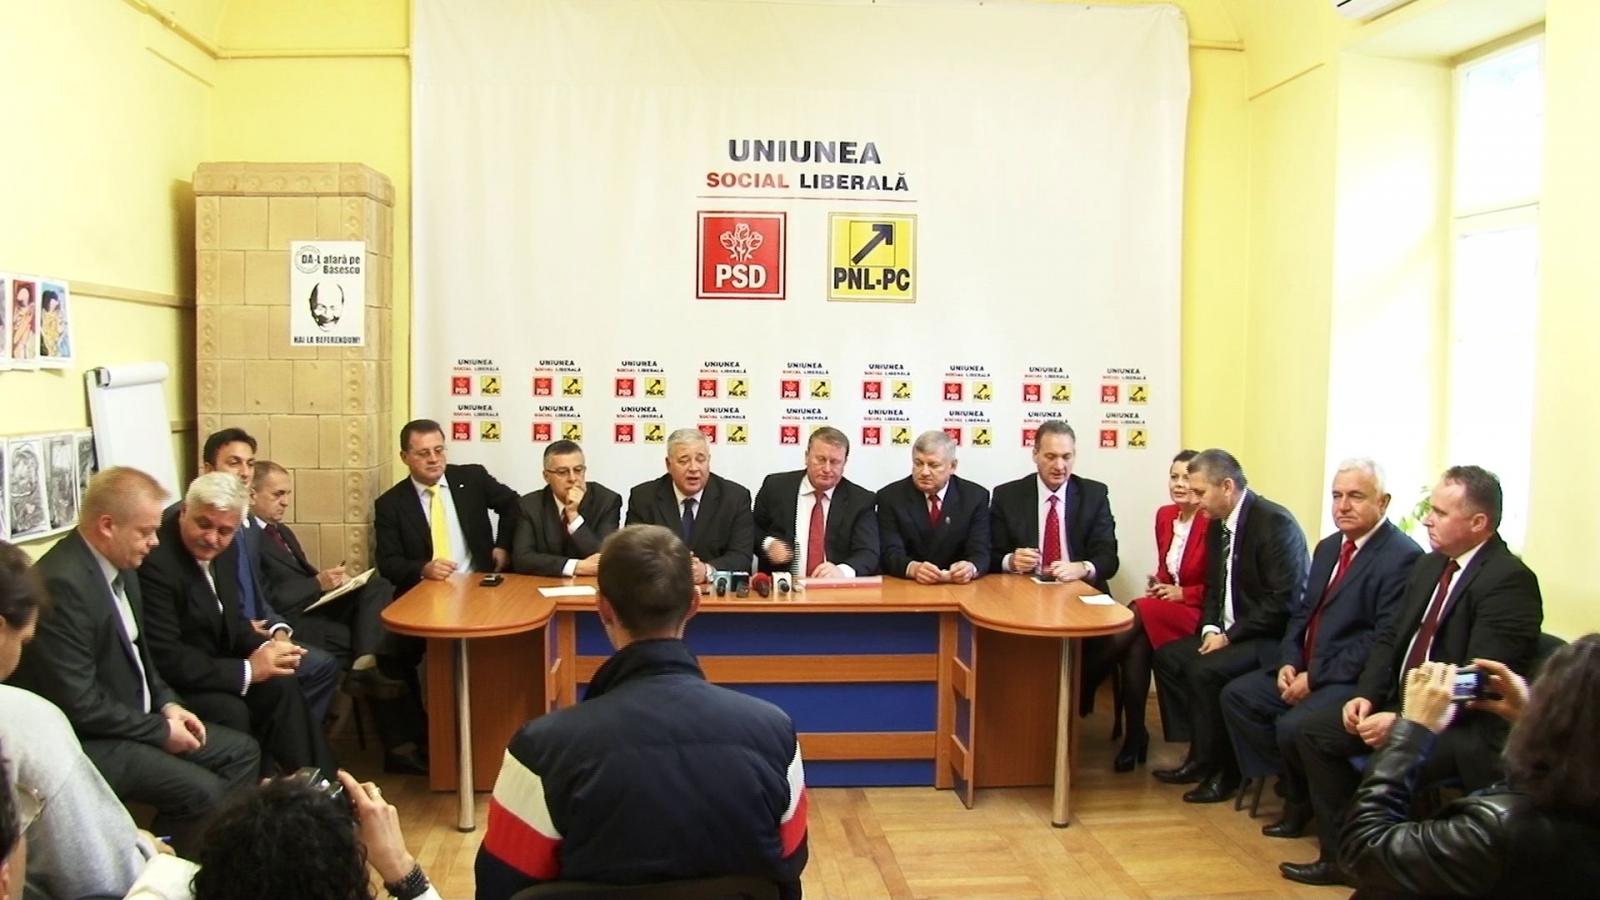 USL Cluj şi-a prezentat candidaţii la parlamentare! Giurgiu se bate cu Tişe pentru Colegiul 1 Senat!